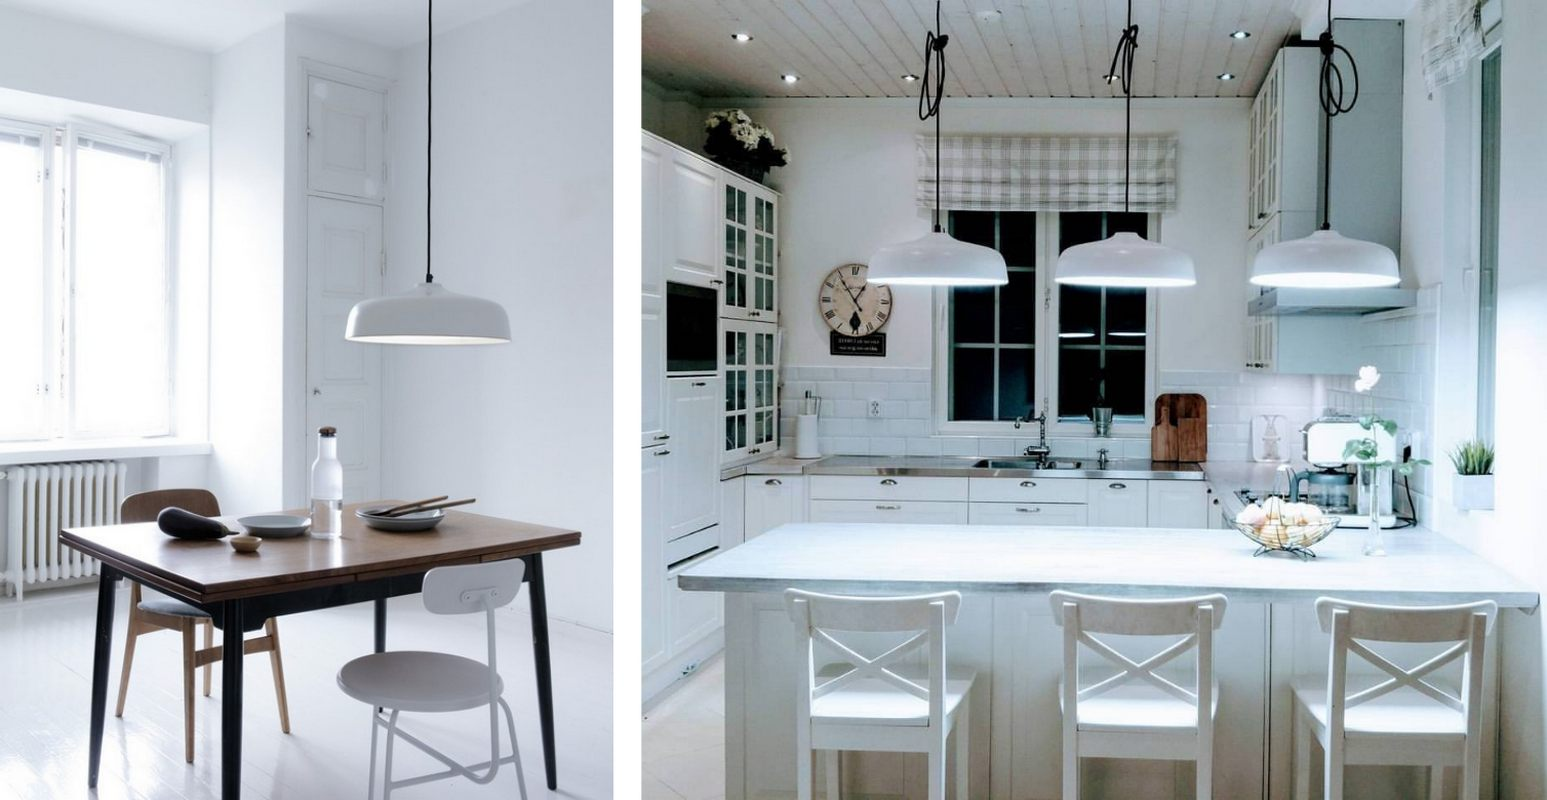 Lampy antydepresyjne Candeo Air - aranżacje w jadalni i kuchni